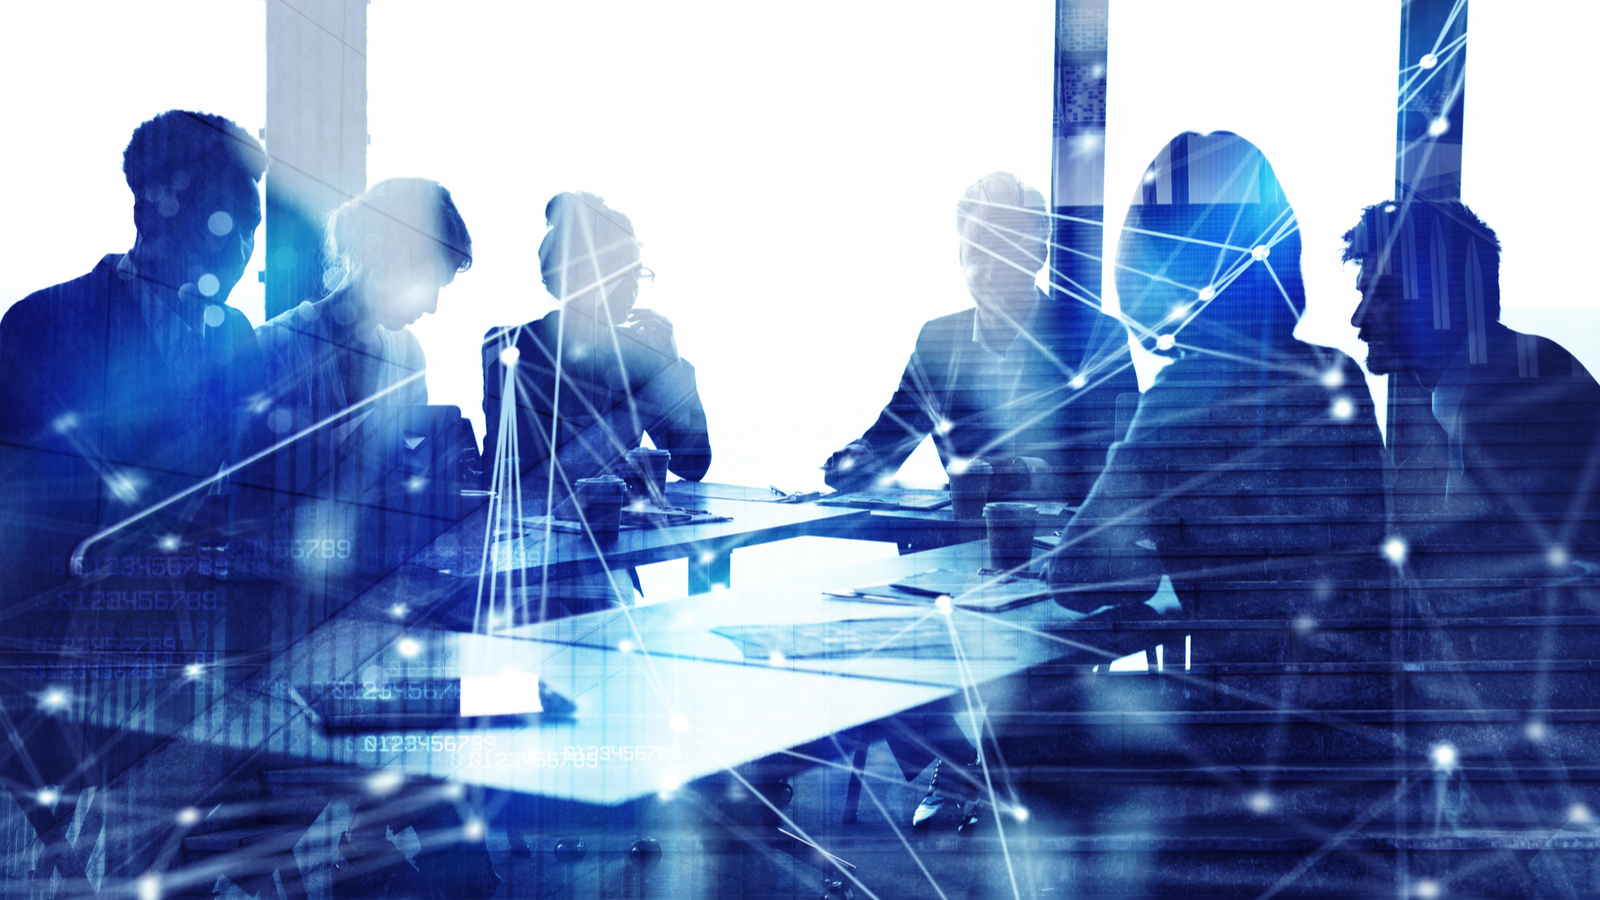 Top Strategic Priorities Enterprise Leaders will have in 2021